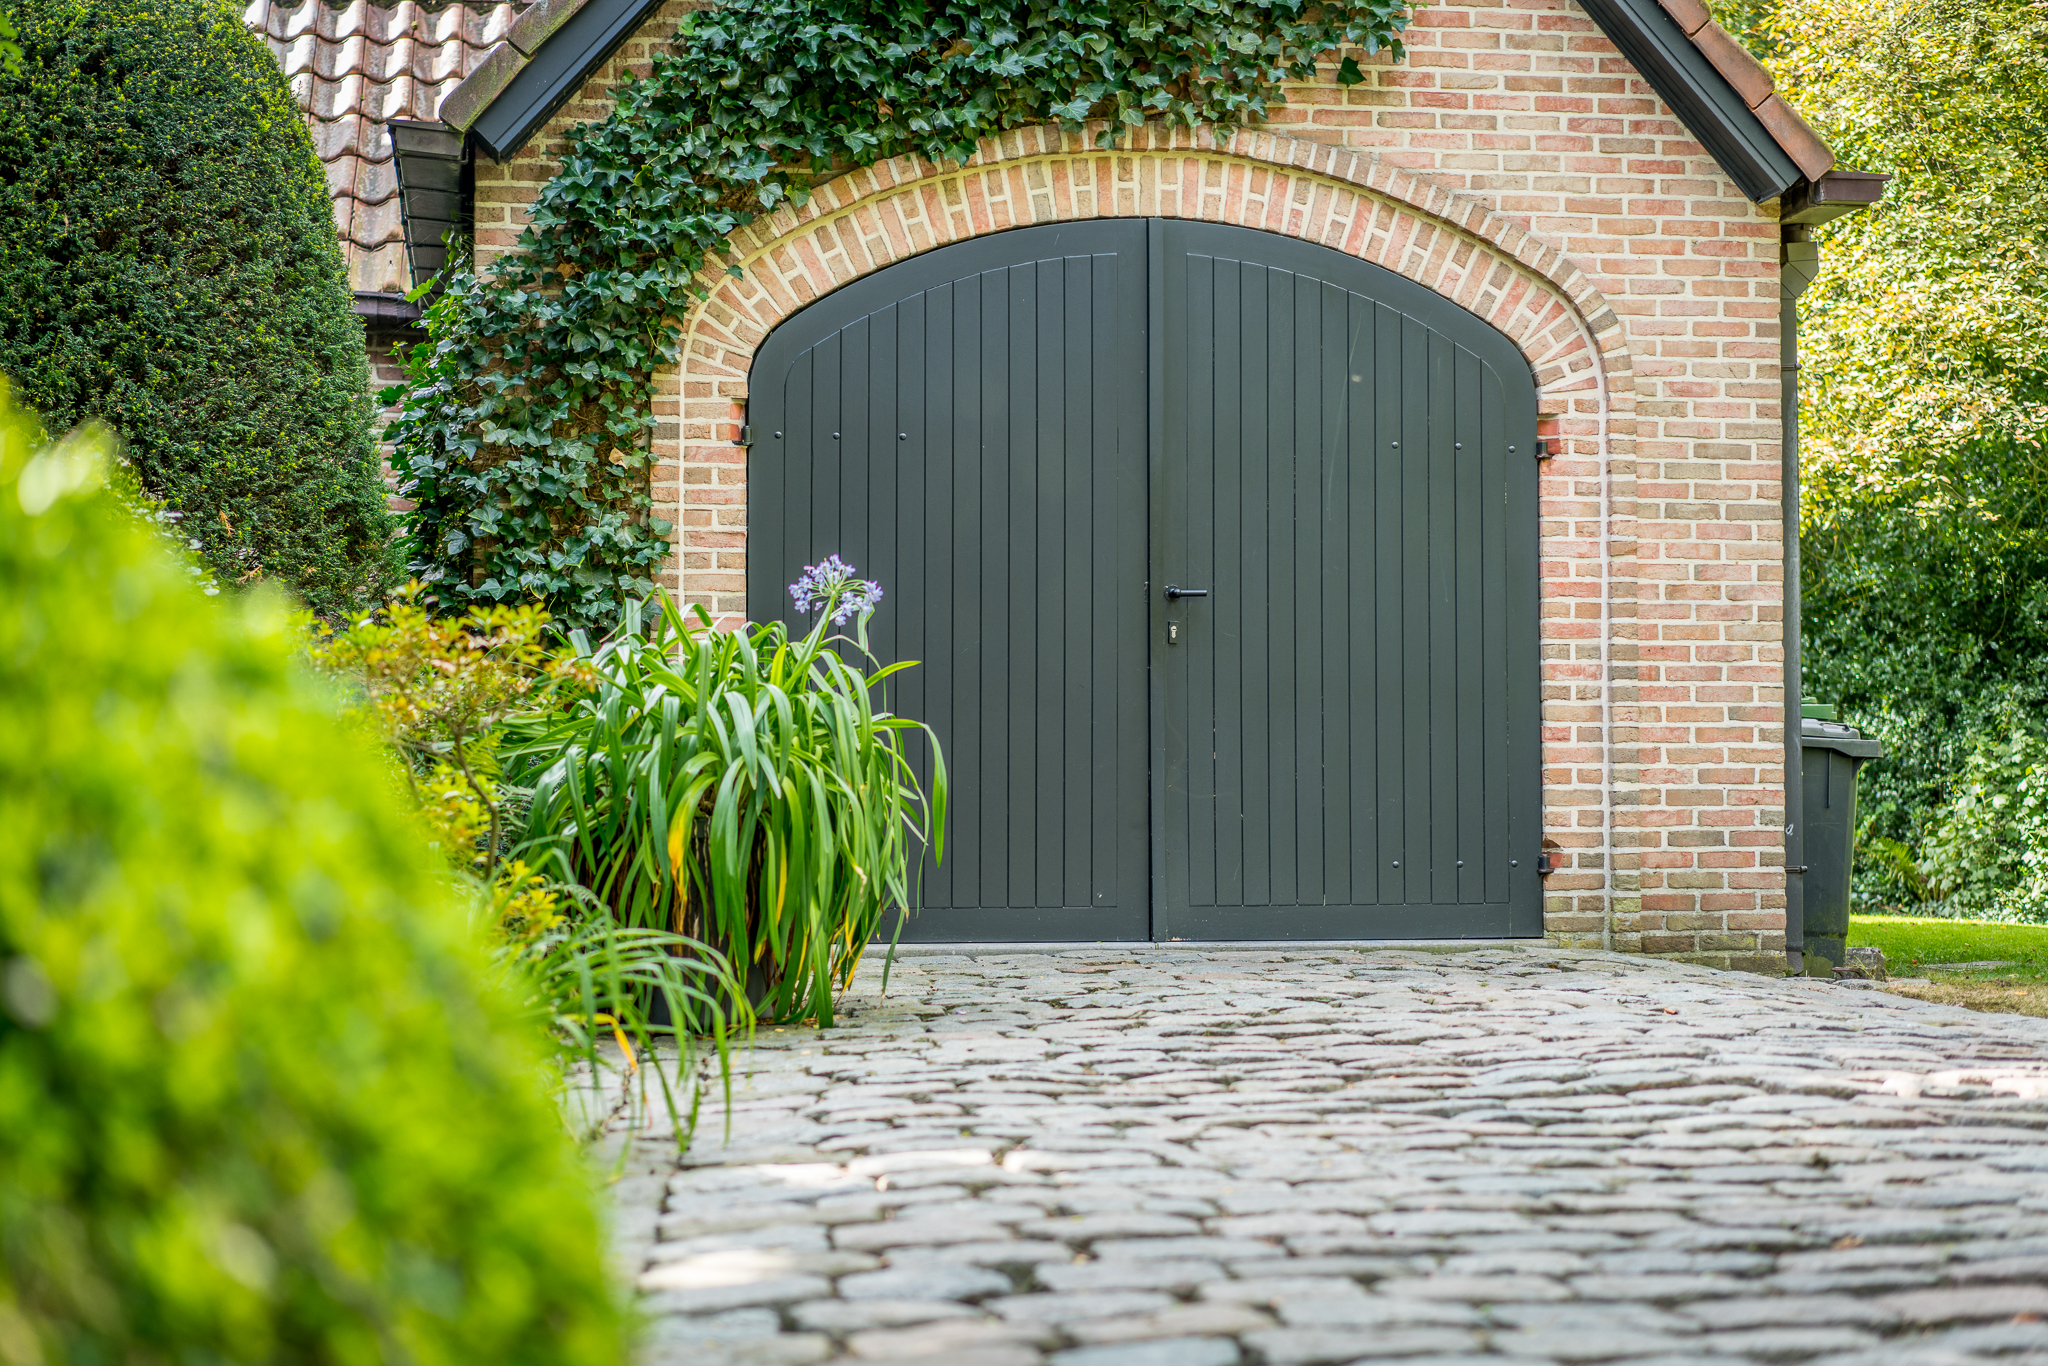 schatting van een woning online Het kadastraal inkomen wordt niet berekend maar het is een schatting die elke woning wordt aangeduid als huis en een binnen een termijn van twee.